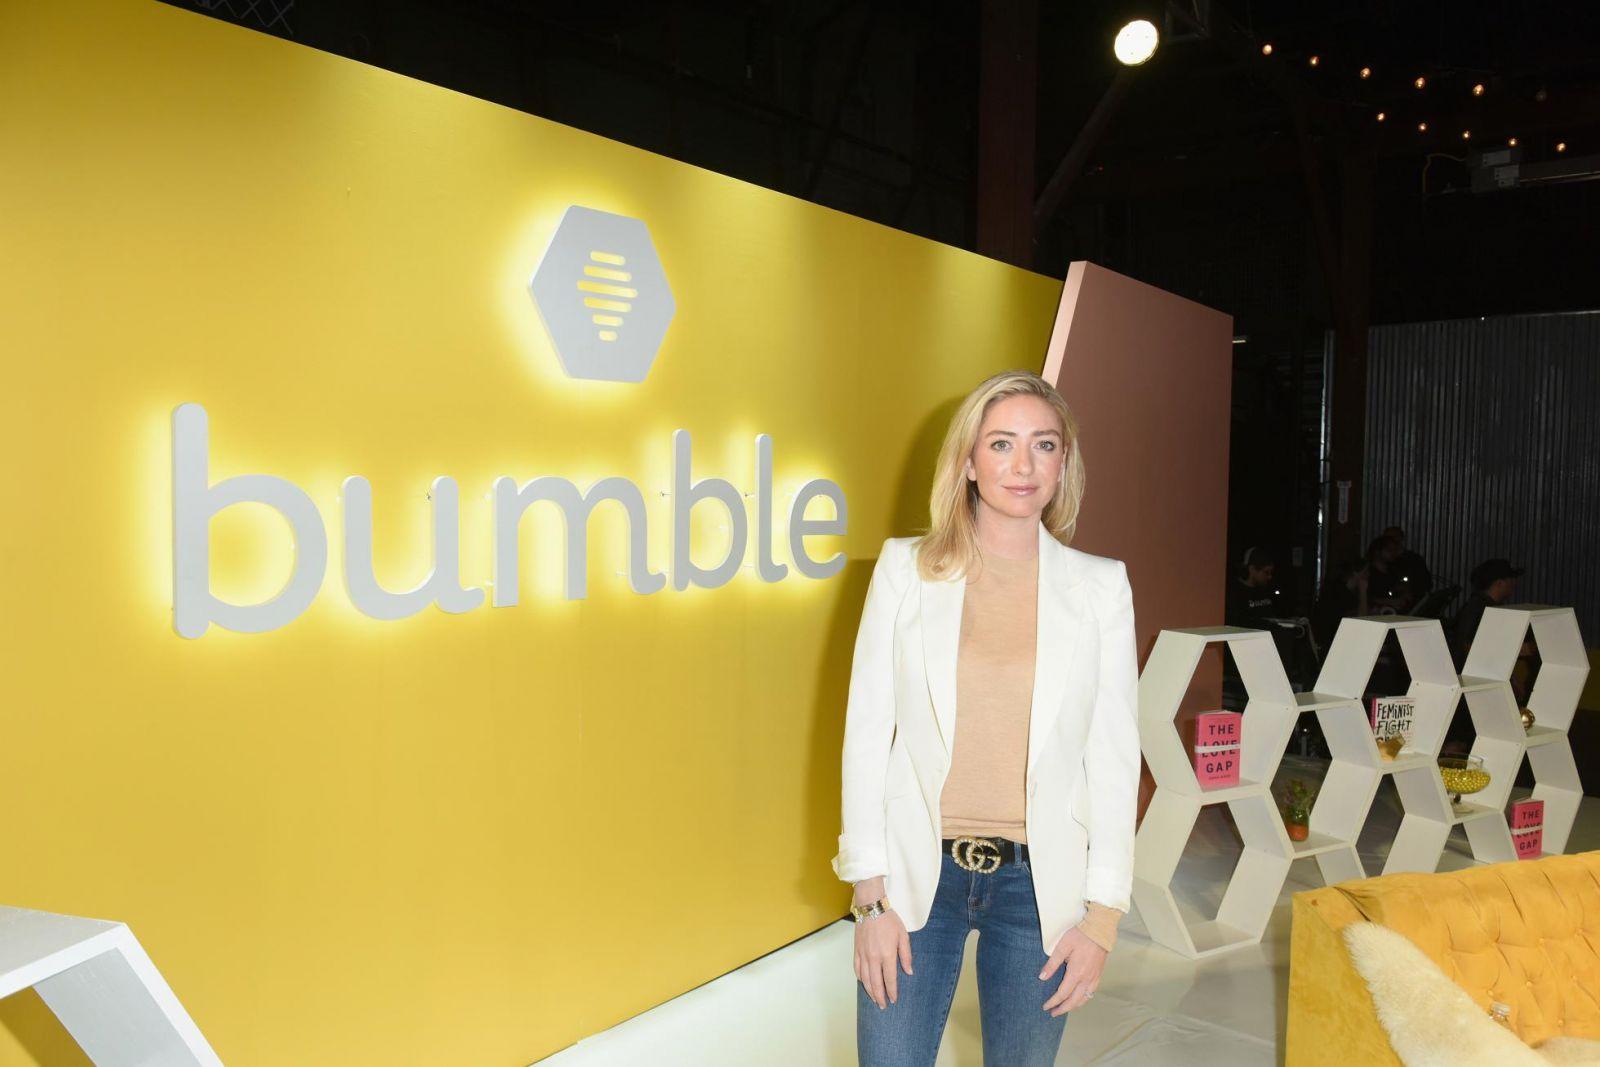 Vào tháng 2, người đồng sáng lập Bumble, Whitney Wolfe Herd, 31 tuổi, đã công khai công ty mai mối của mình. (Ảnh của Vivien Killilea / Getty Images cho Bumble)